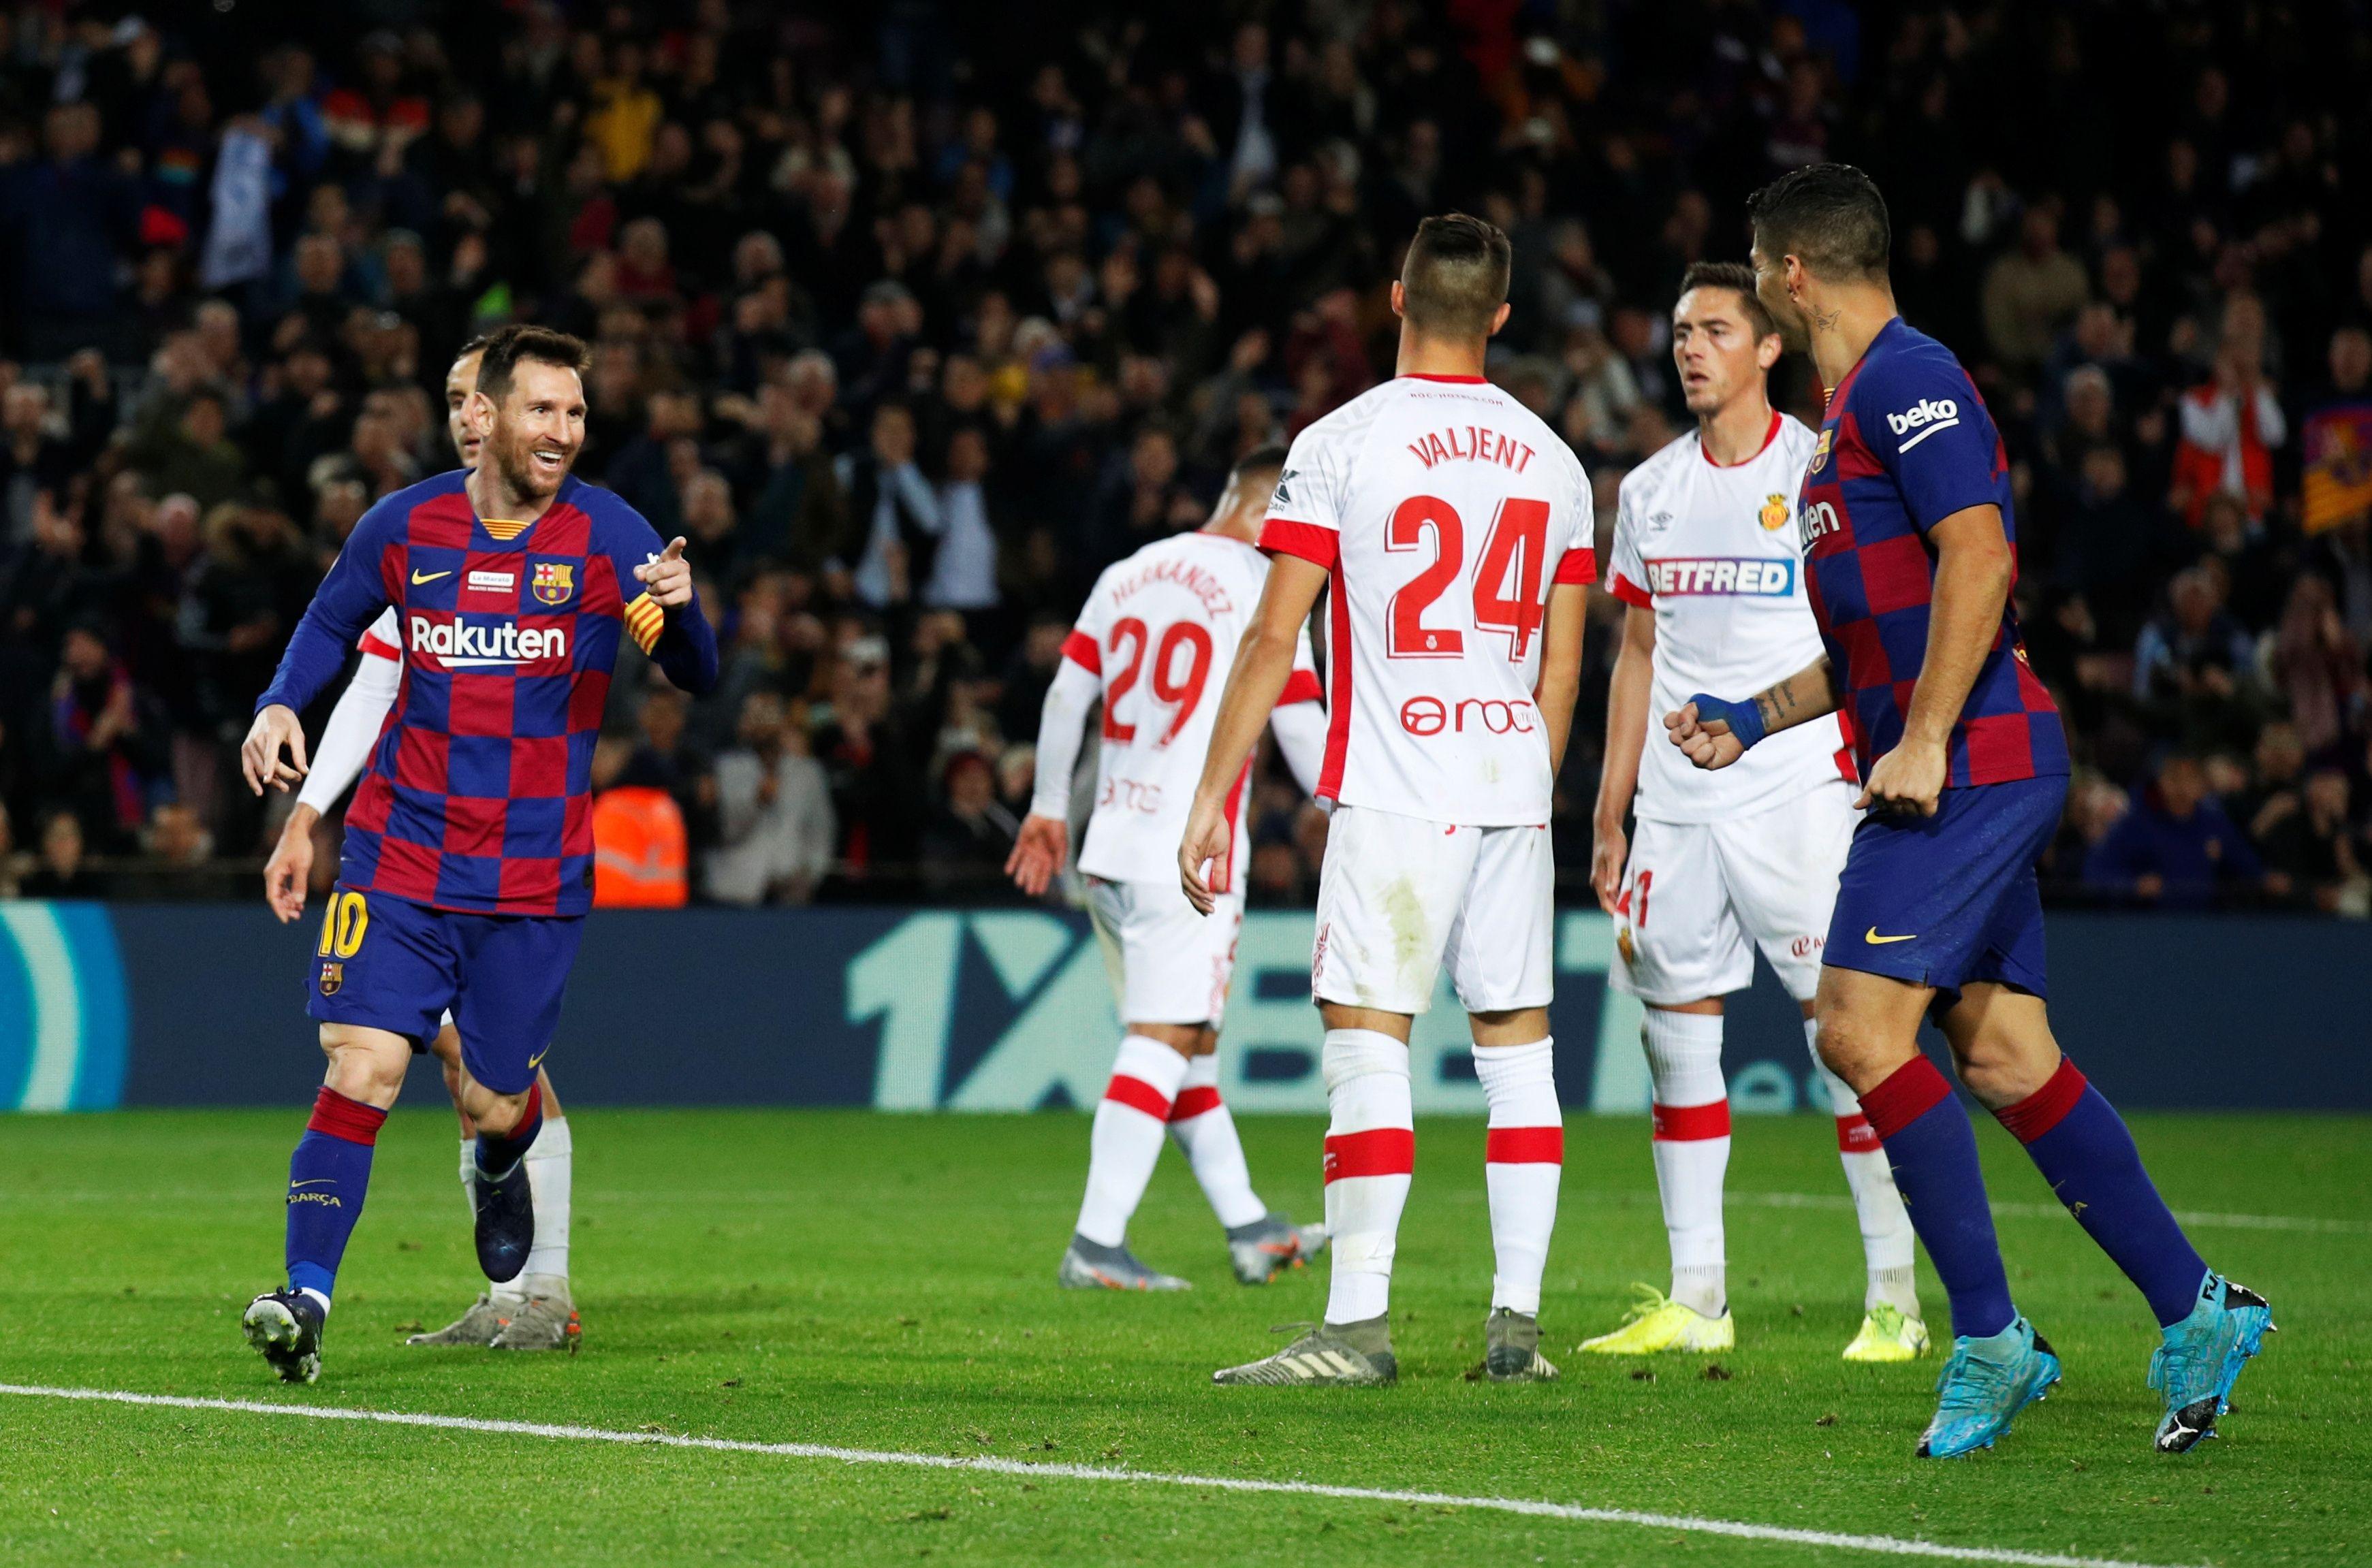 Con la presencia de Lionel Messi, Barcelona vuelve a la acción defendiendo la cima de La Liga: toda la agenda del día  - Infobae